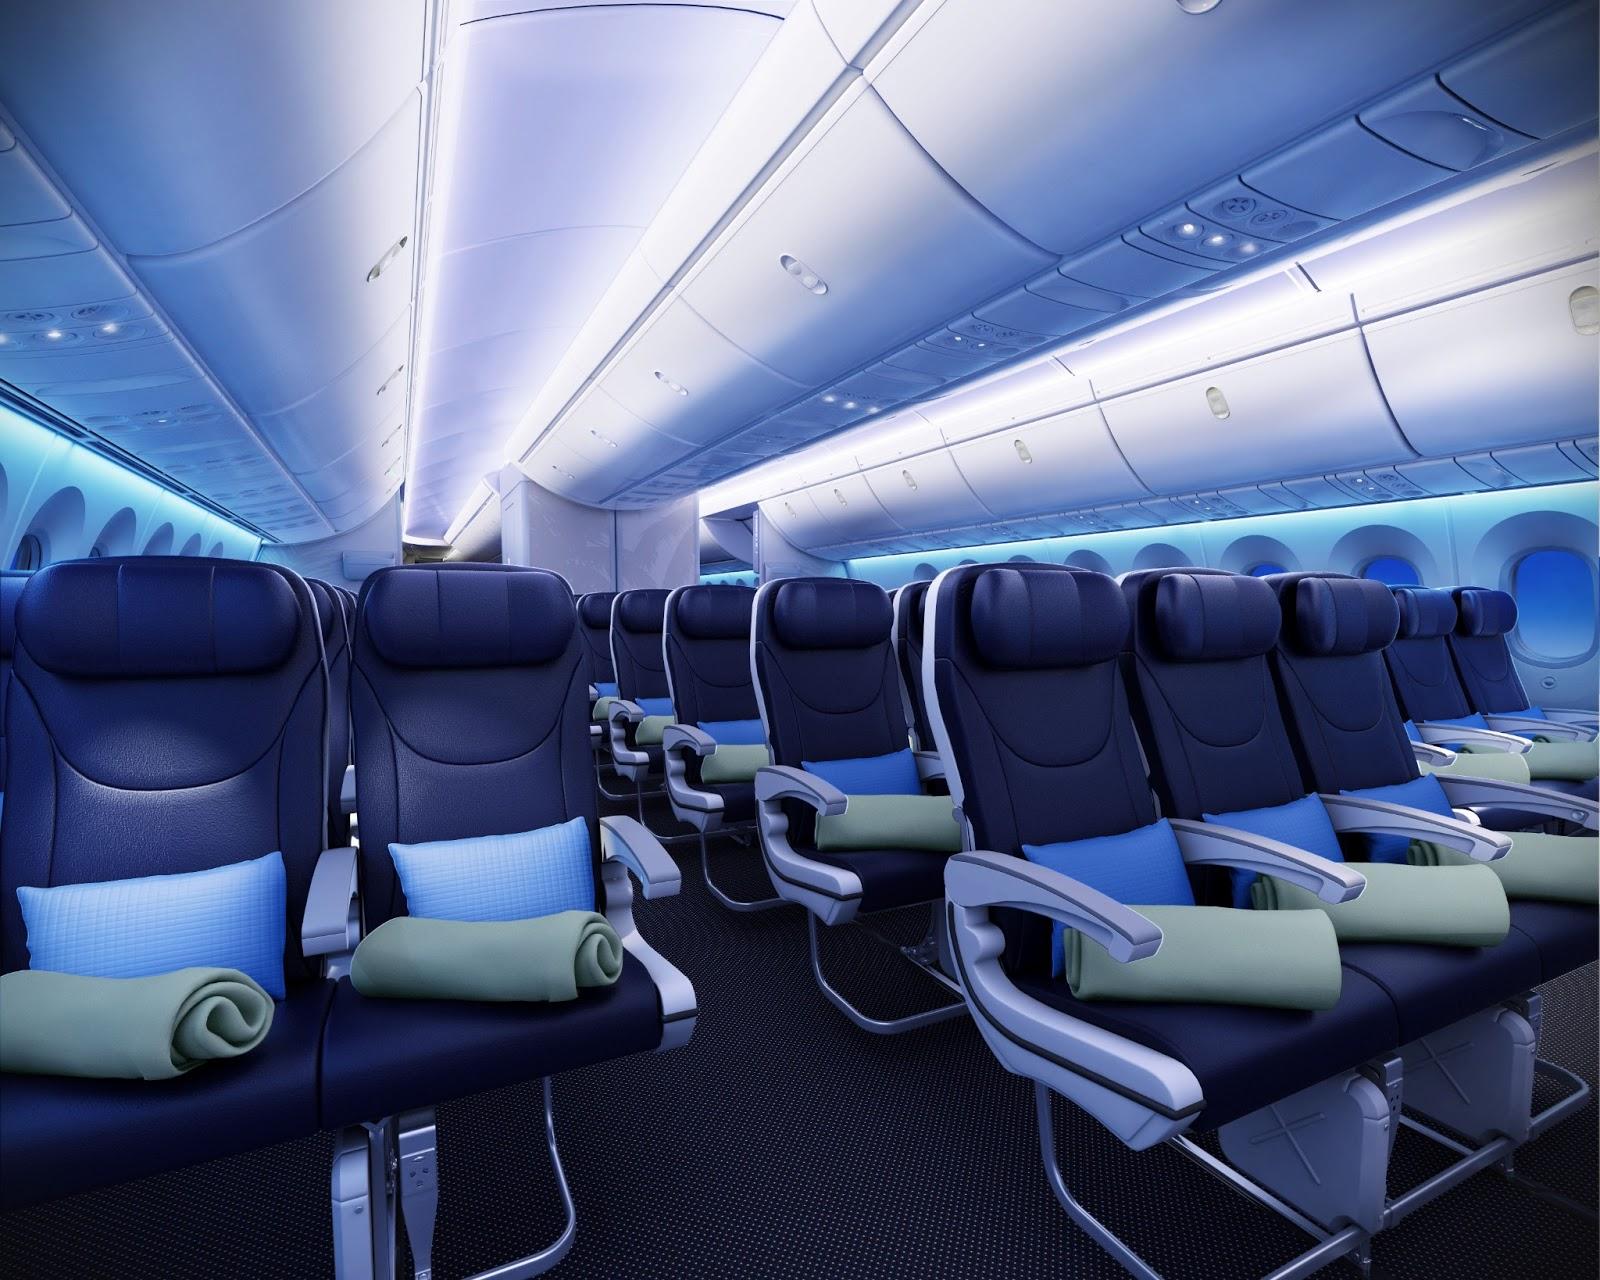 Viet aviation thomson airways boeing 787 cabin interior for Interieur boeing 757